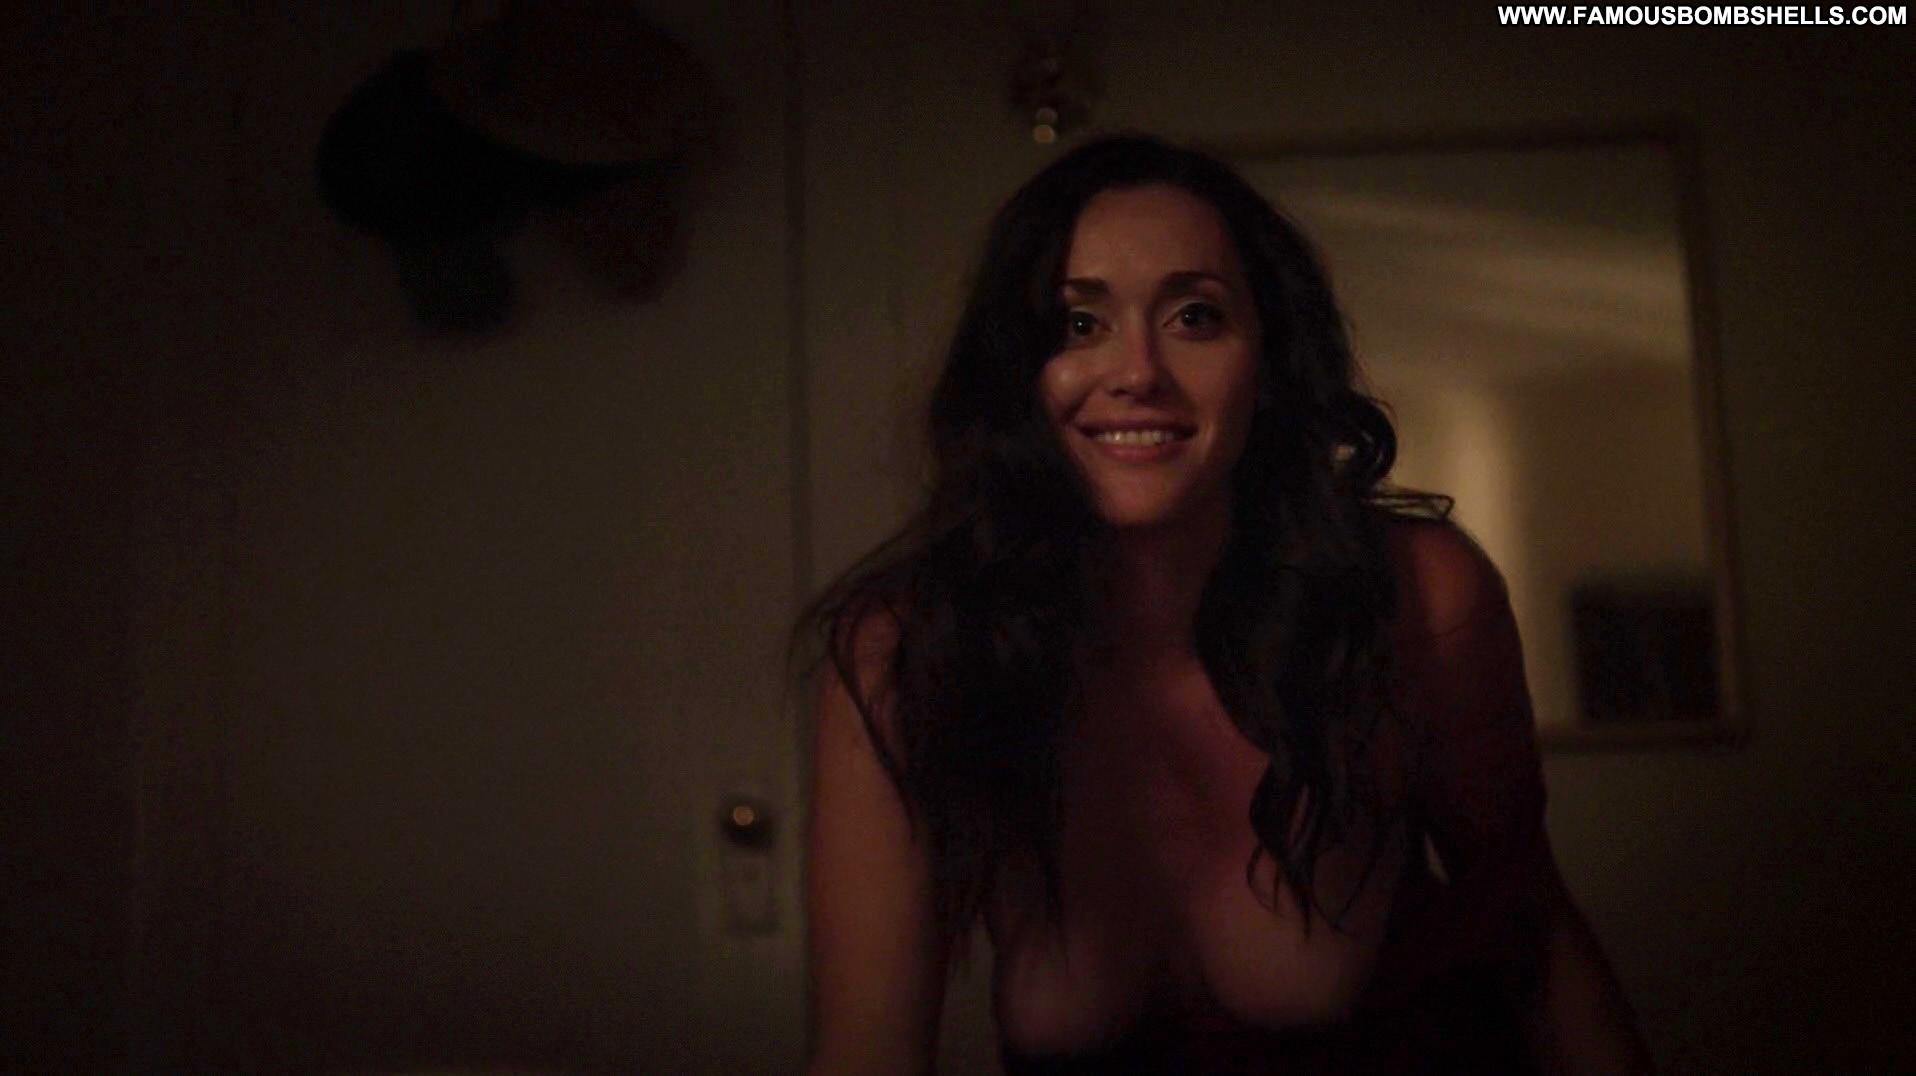 Sarah power nude images — 11